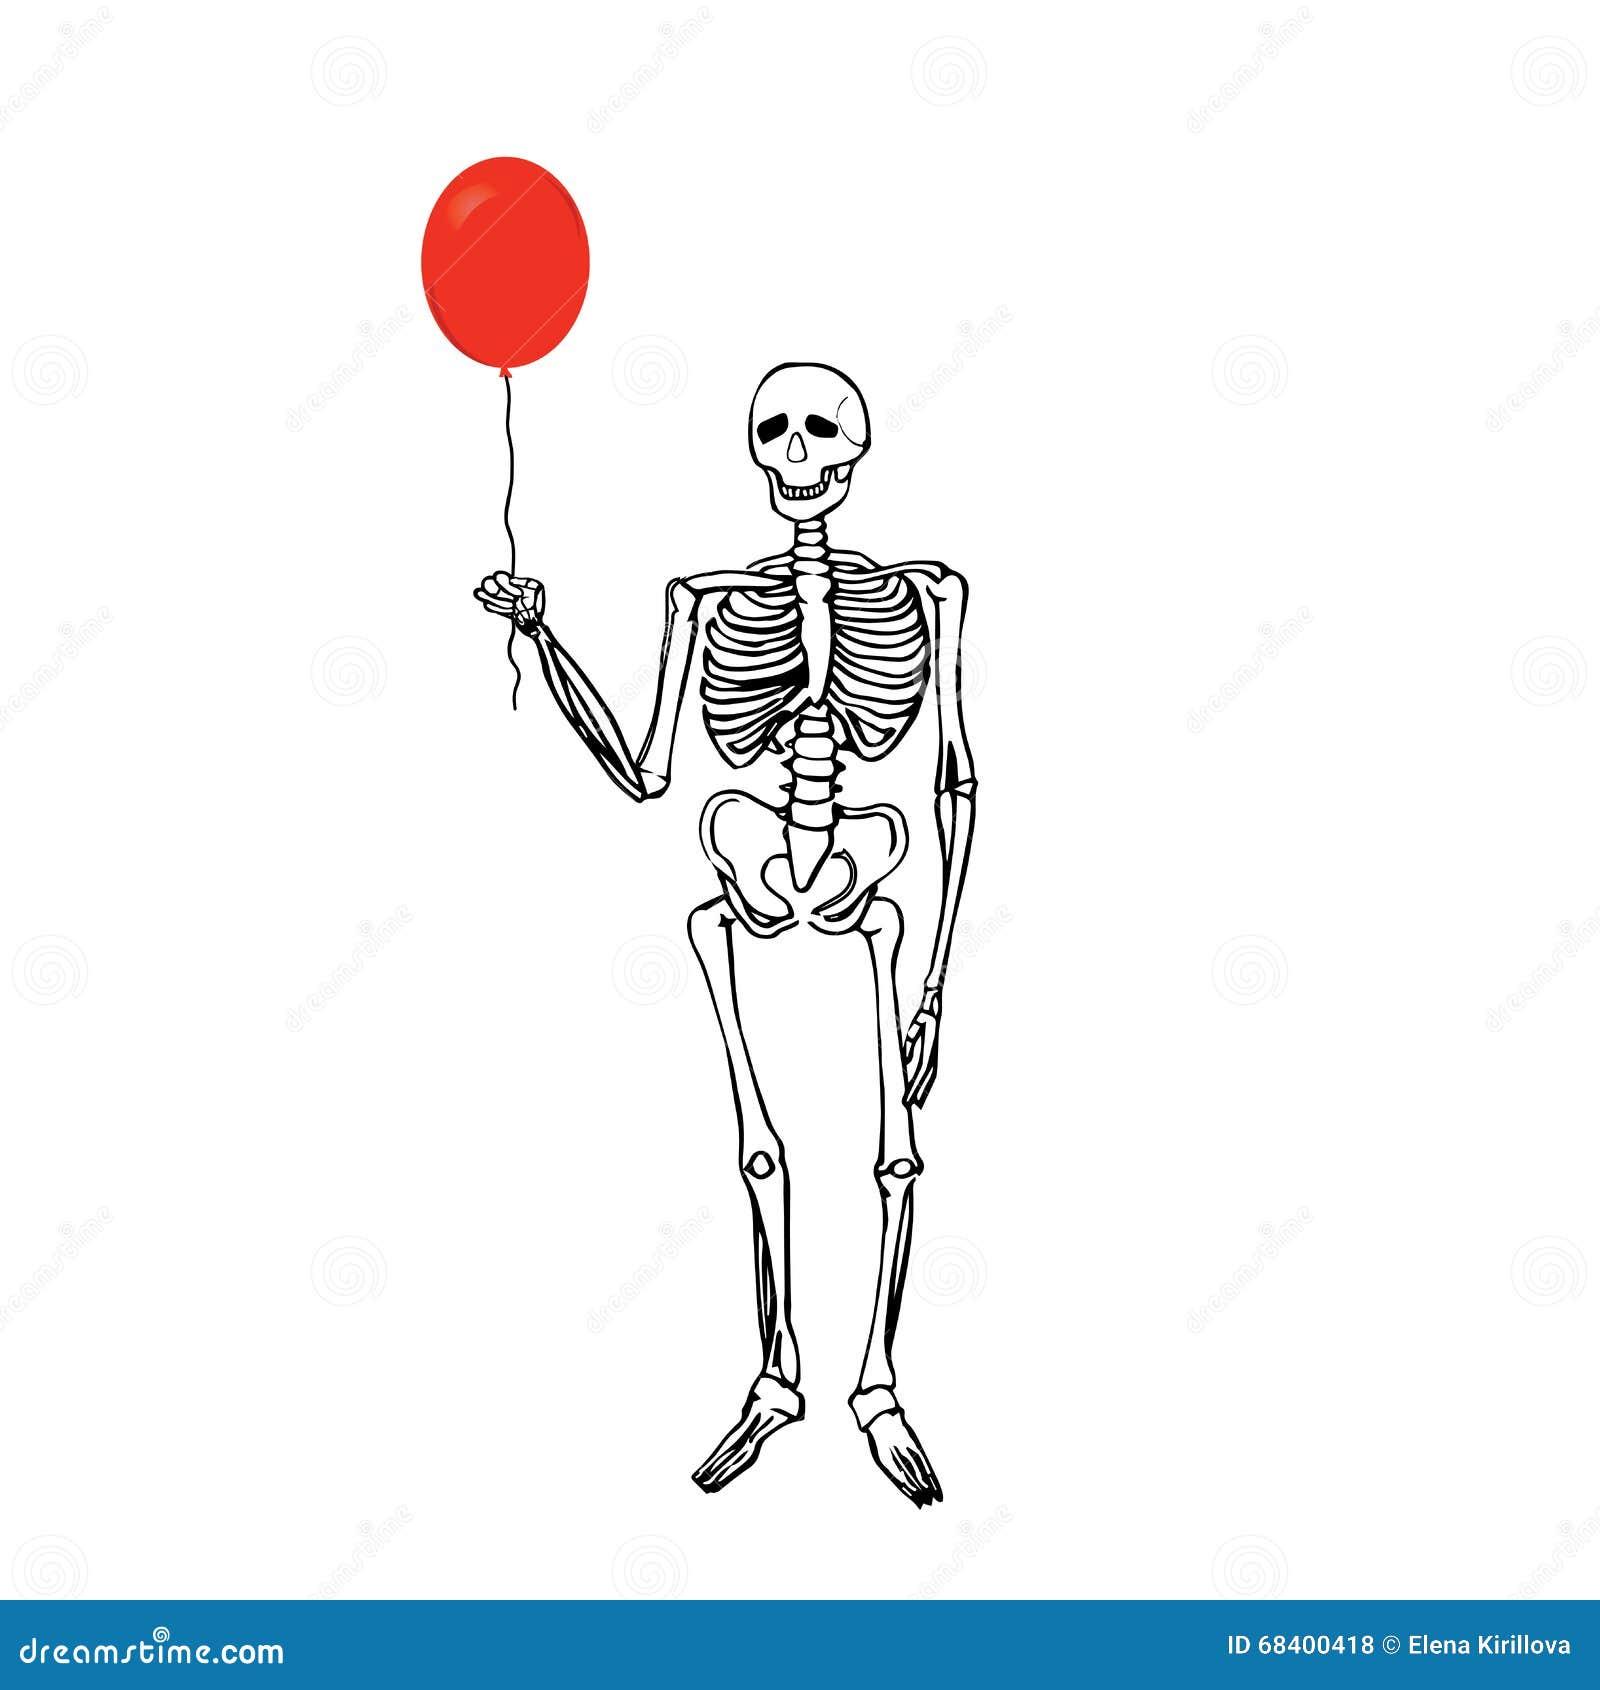 Joyful Skeleton That Keeps The Balloon Stock Vector Illustration